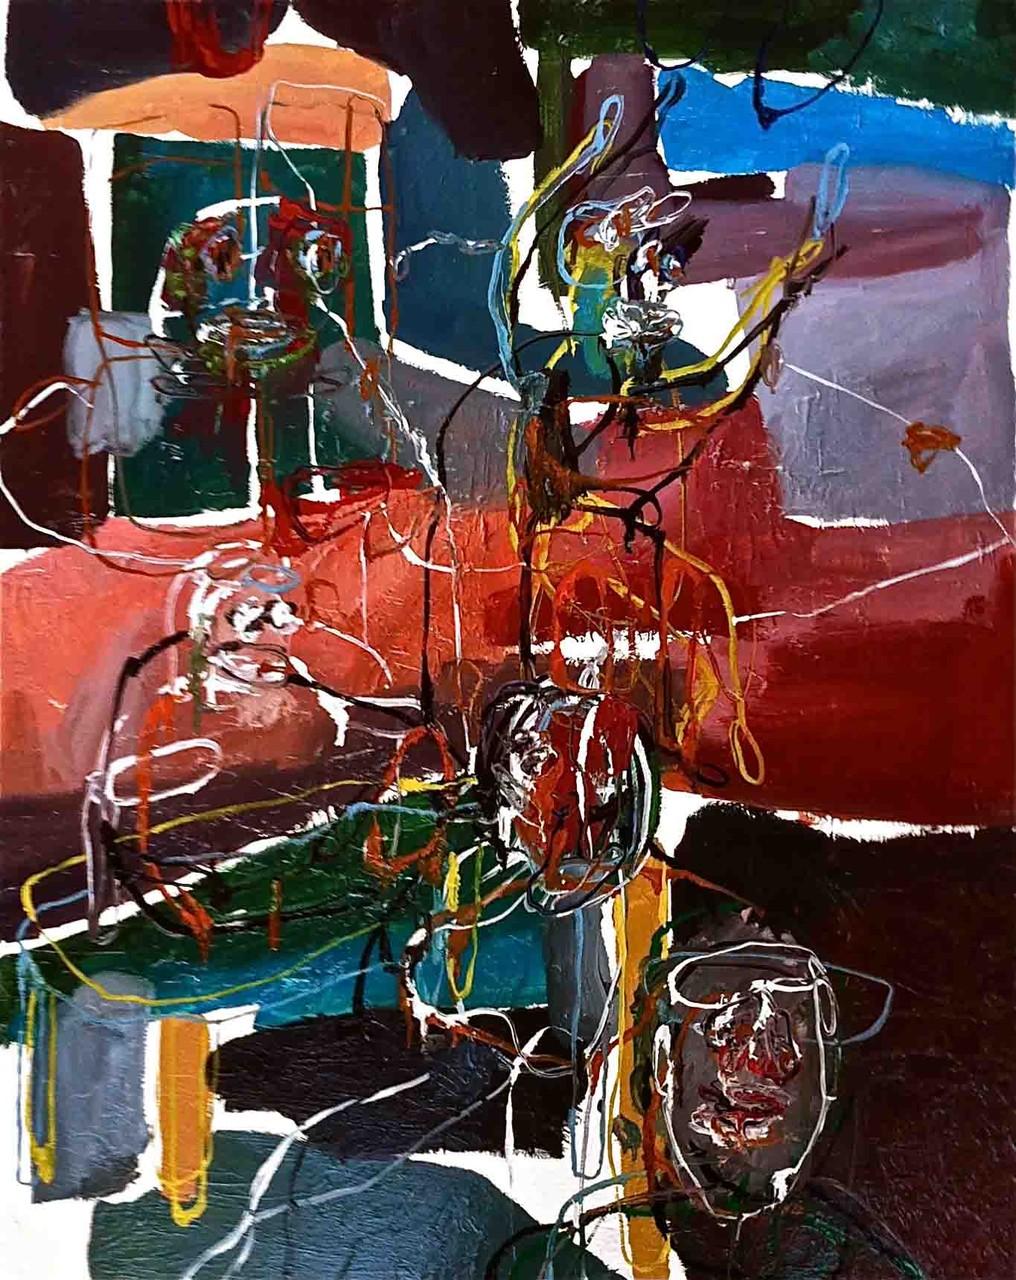 No title,tecnica mista su tela cm 80x100, 2014